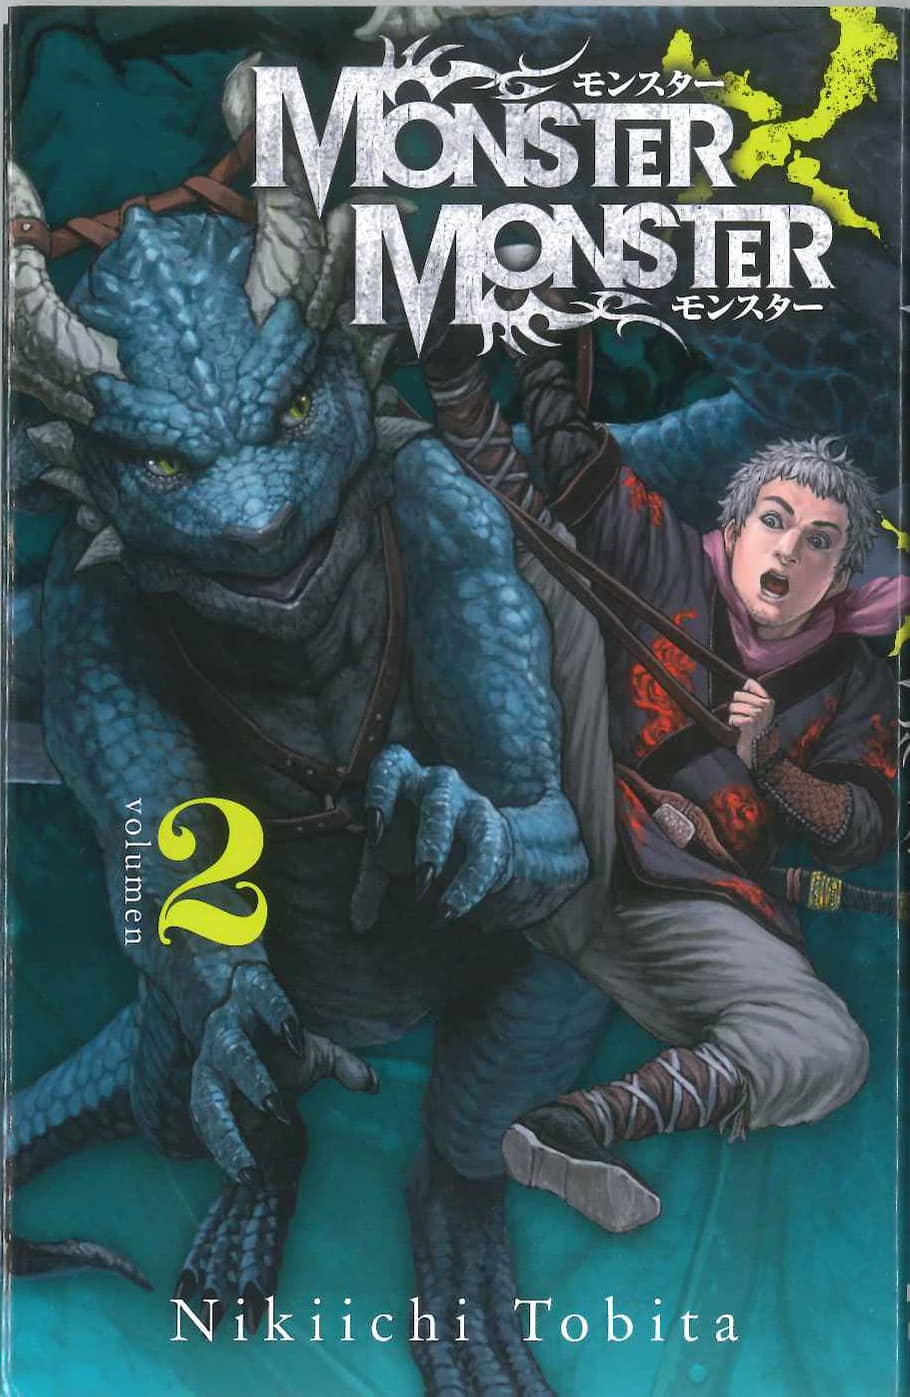 MONSTER X MONSTER 02